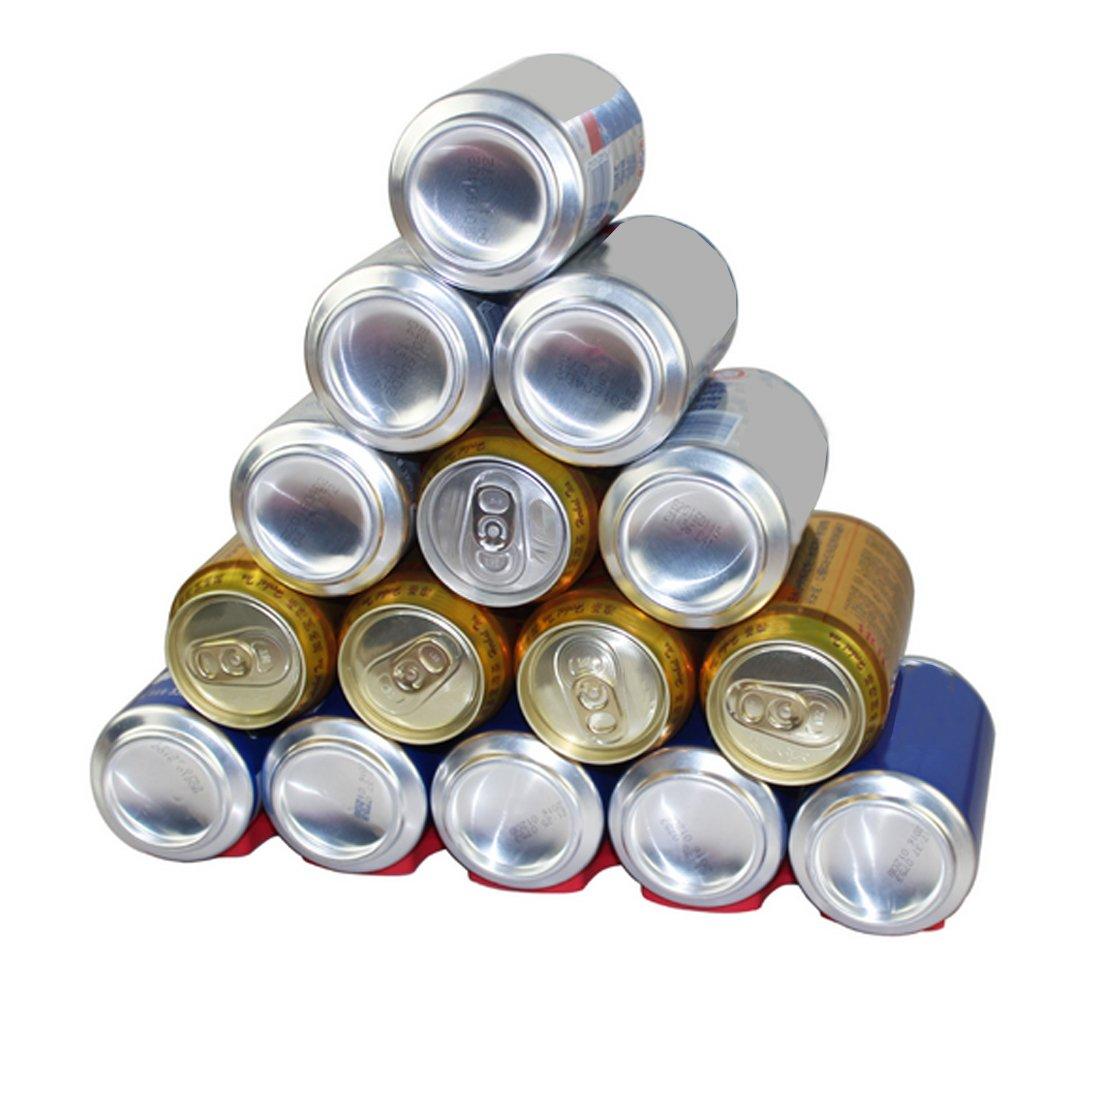 Silicona Cocina frascos latas fácil apiladora soporte organizador rack de almacenamiento frigorífico: Amazon.es: Hogar